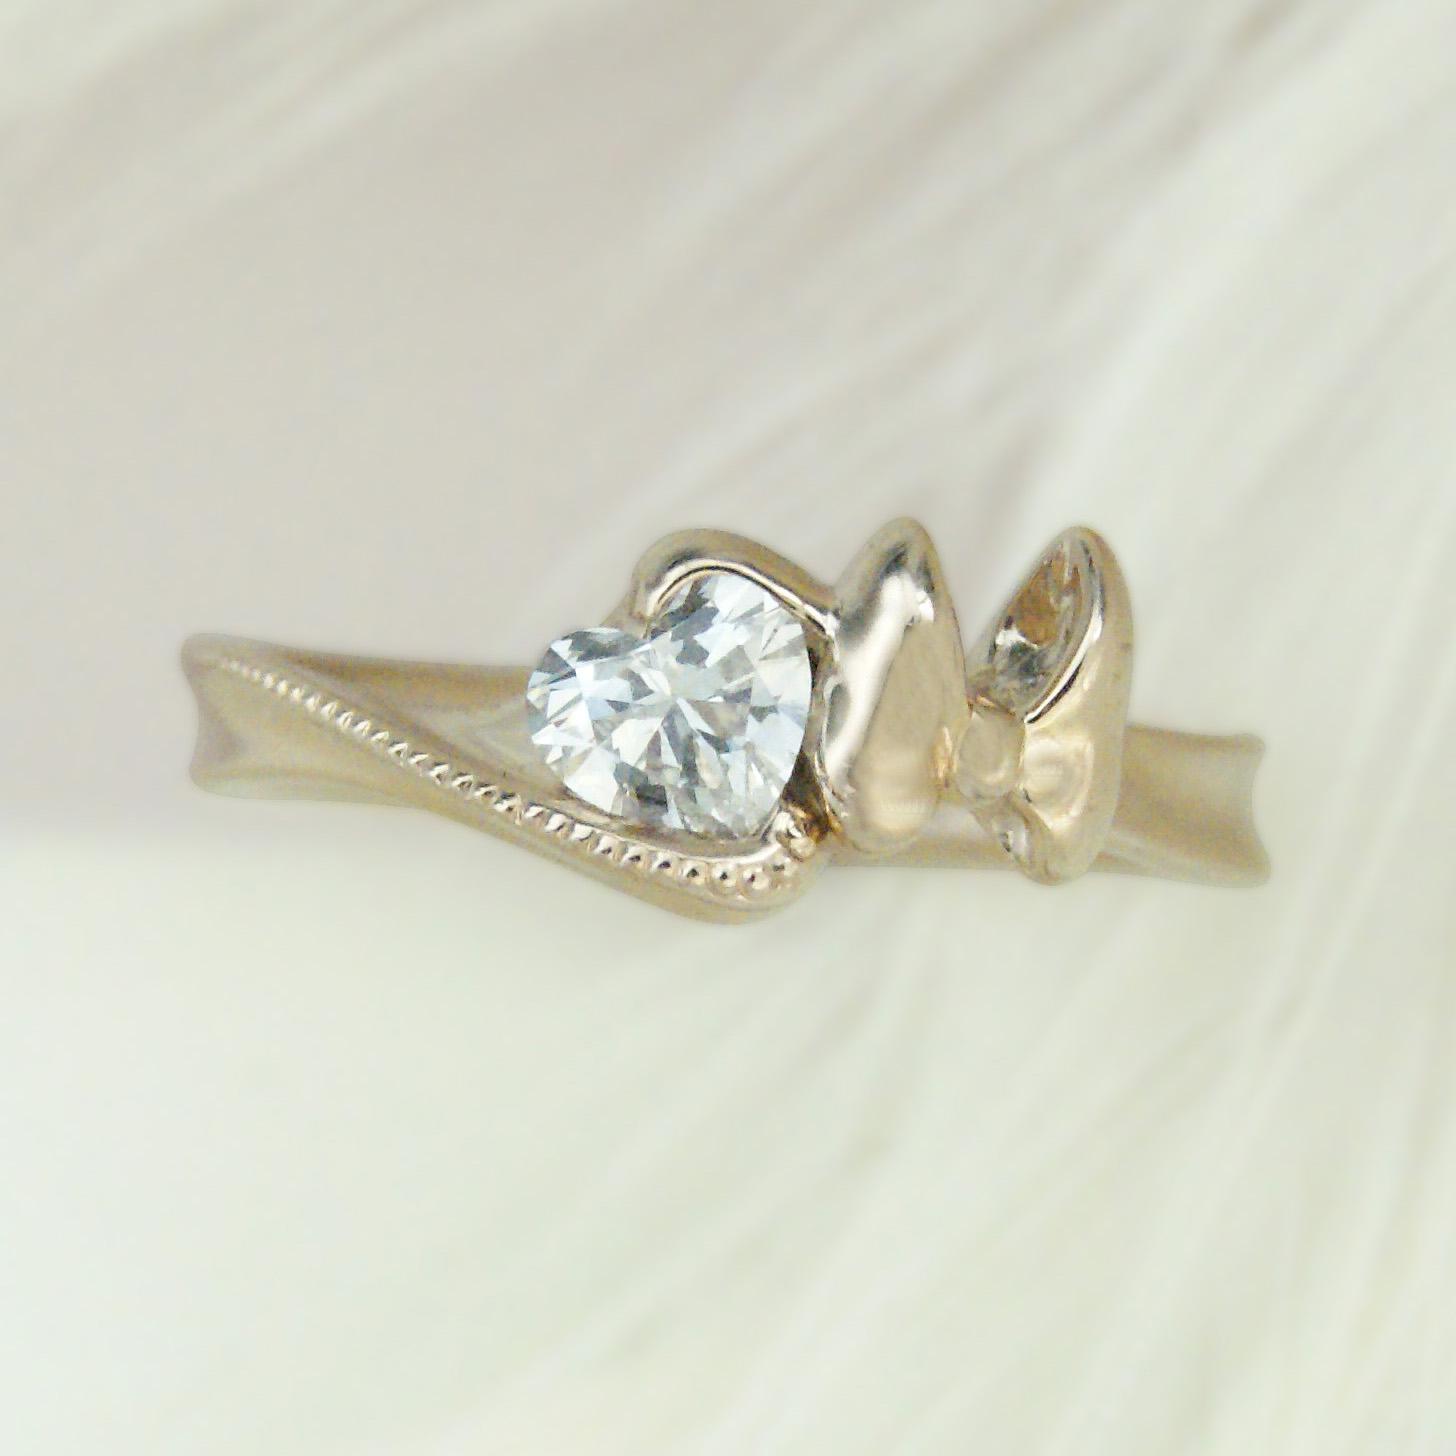 世界に一つだけの結婚指輪 kazariyaYui 福島県郡山市 婚約指輪